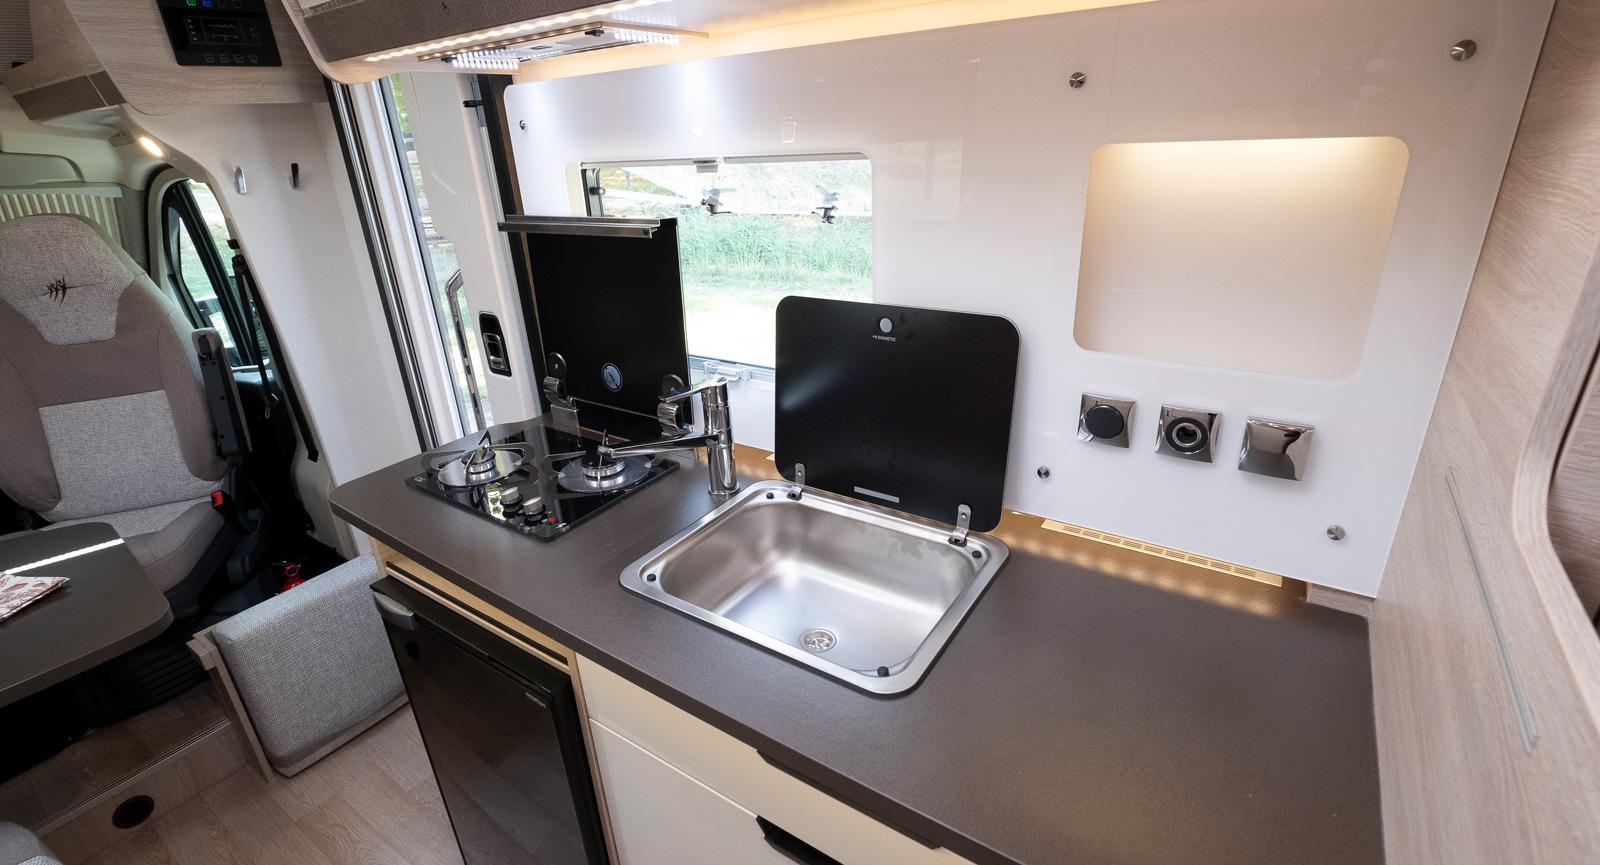 Köket är kompakt utformat men har ändå hyfsad arbetsyta och förvaring. Plastväggen skyddar mot stänk och matos.